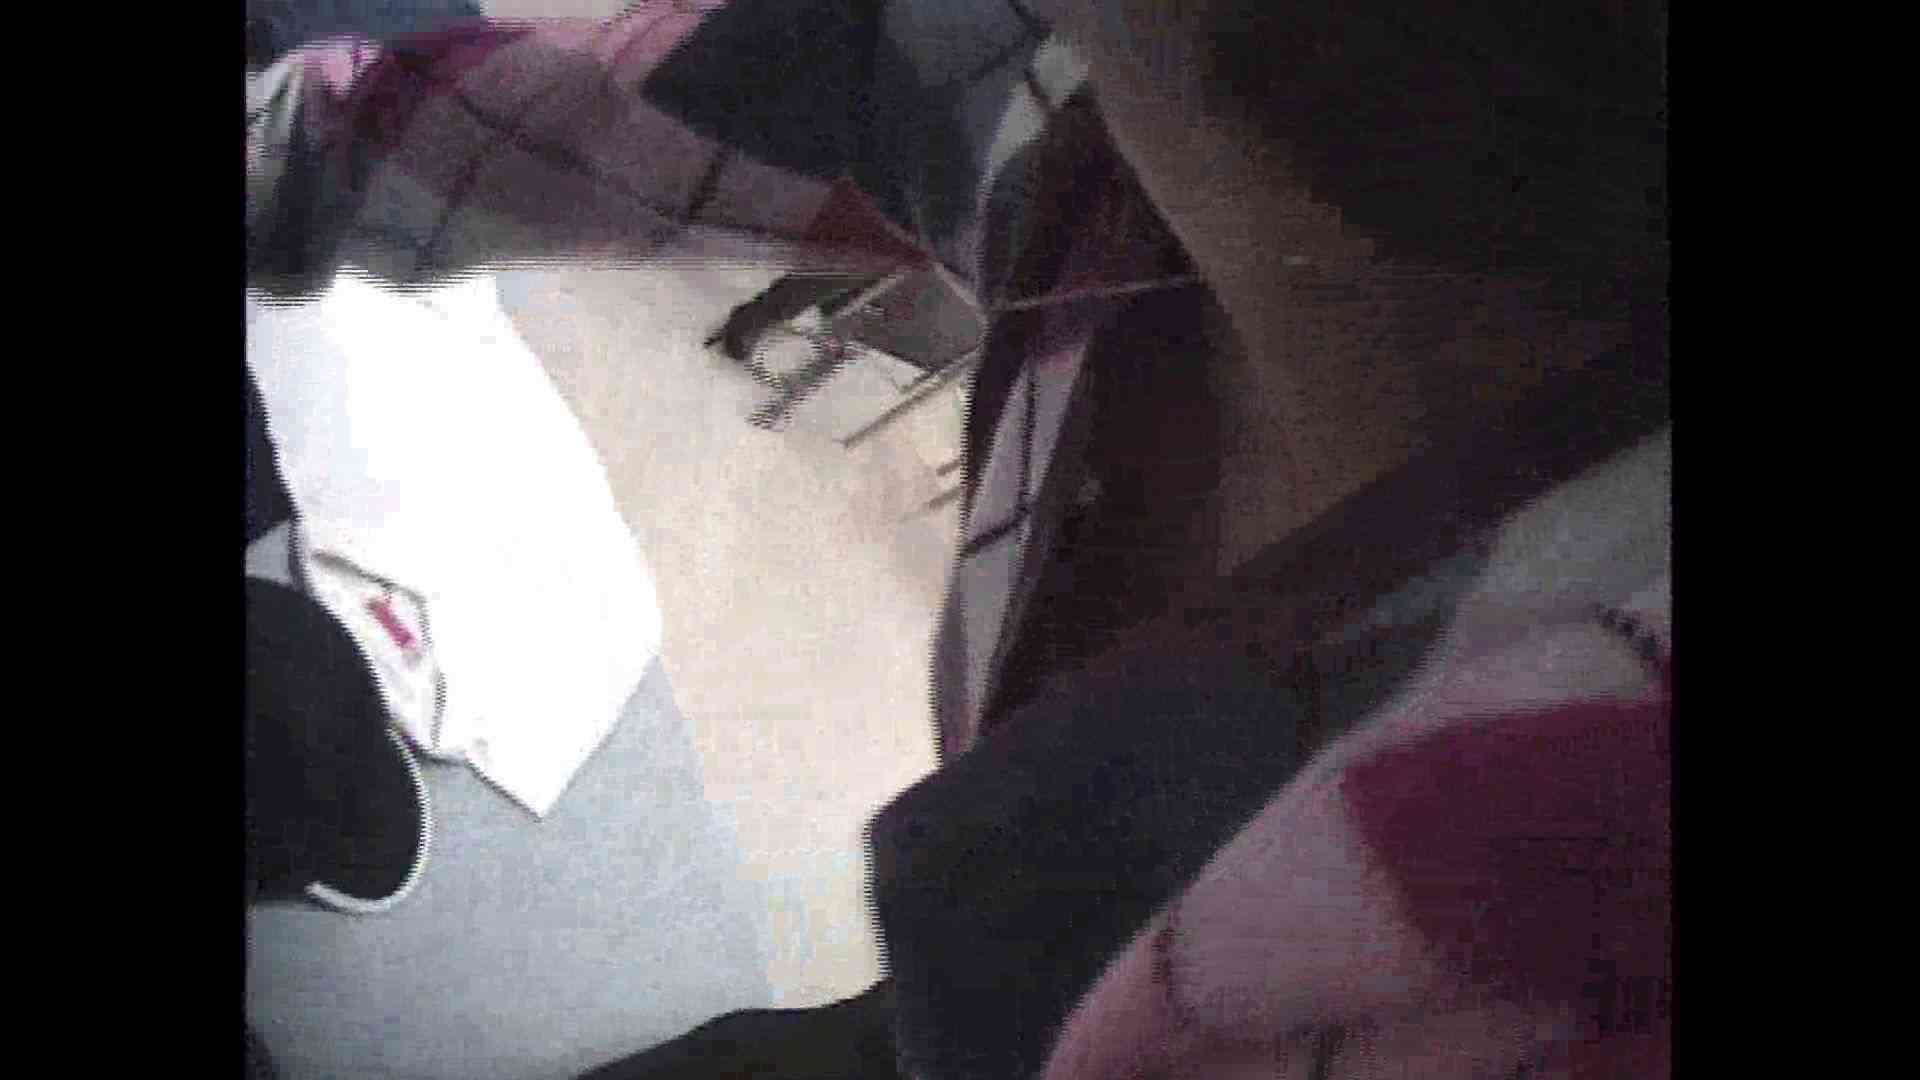 働く美女の谷間参拝 Vol.37 美女ヌード天国 すけべAV動画紹介 58PIX 30